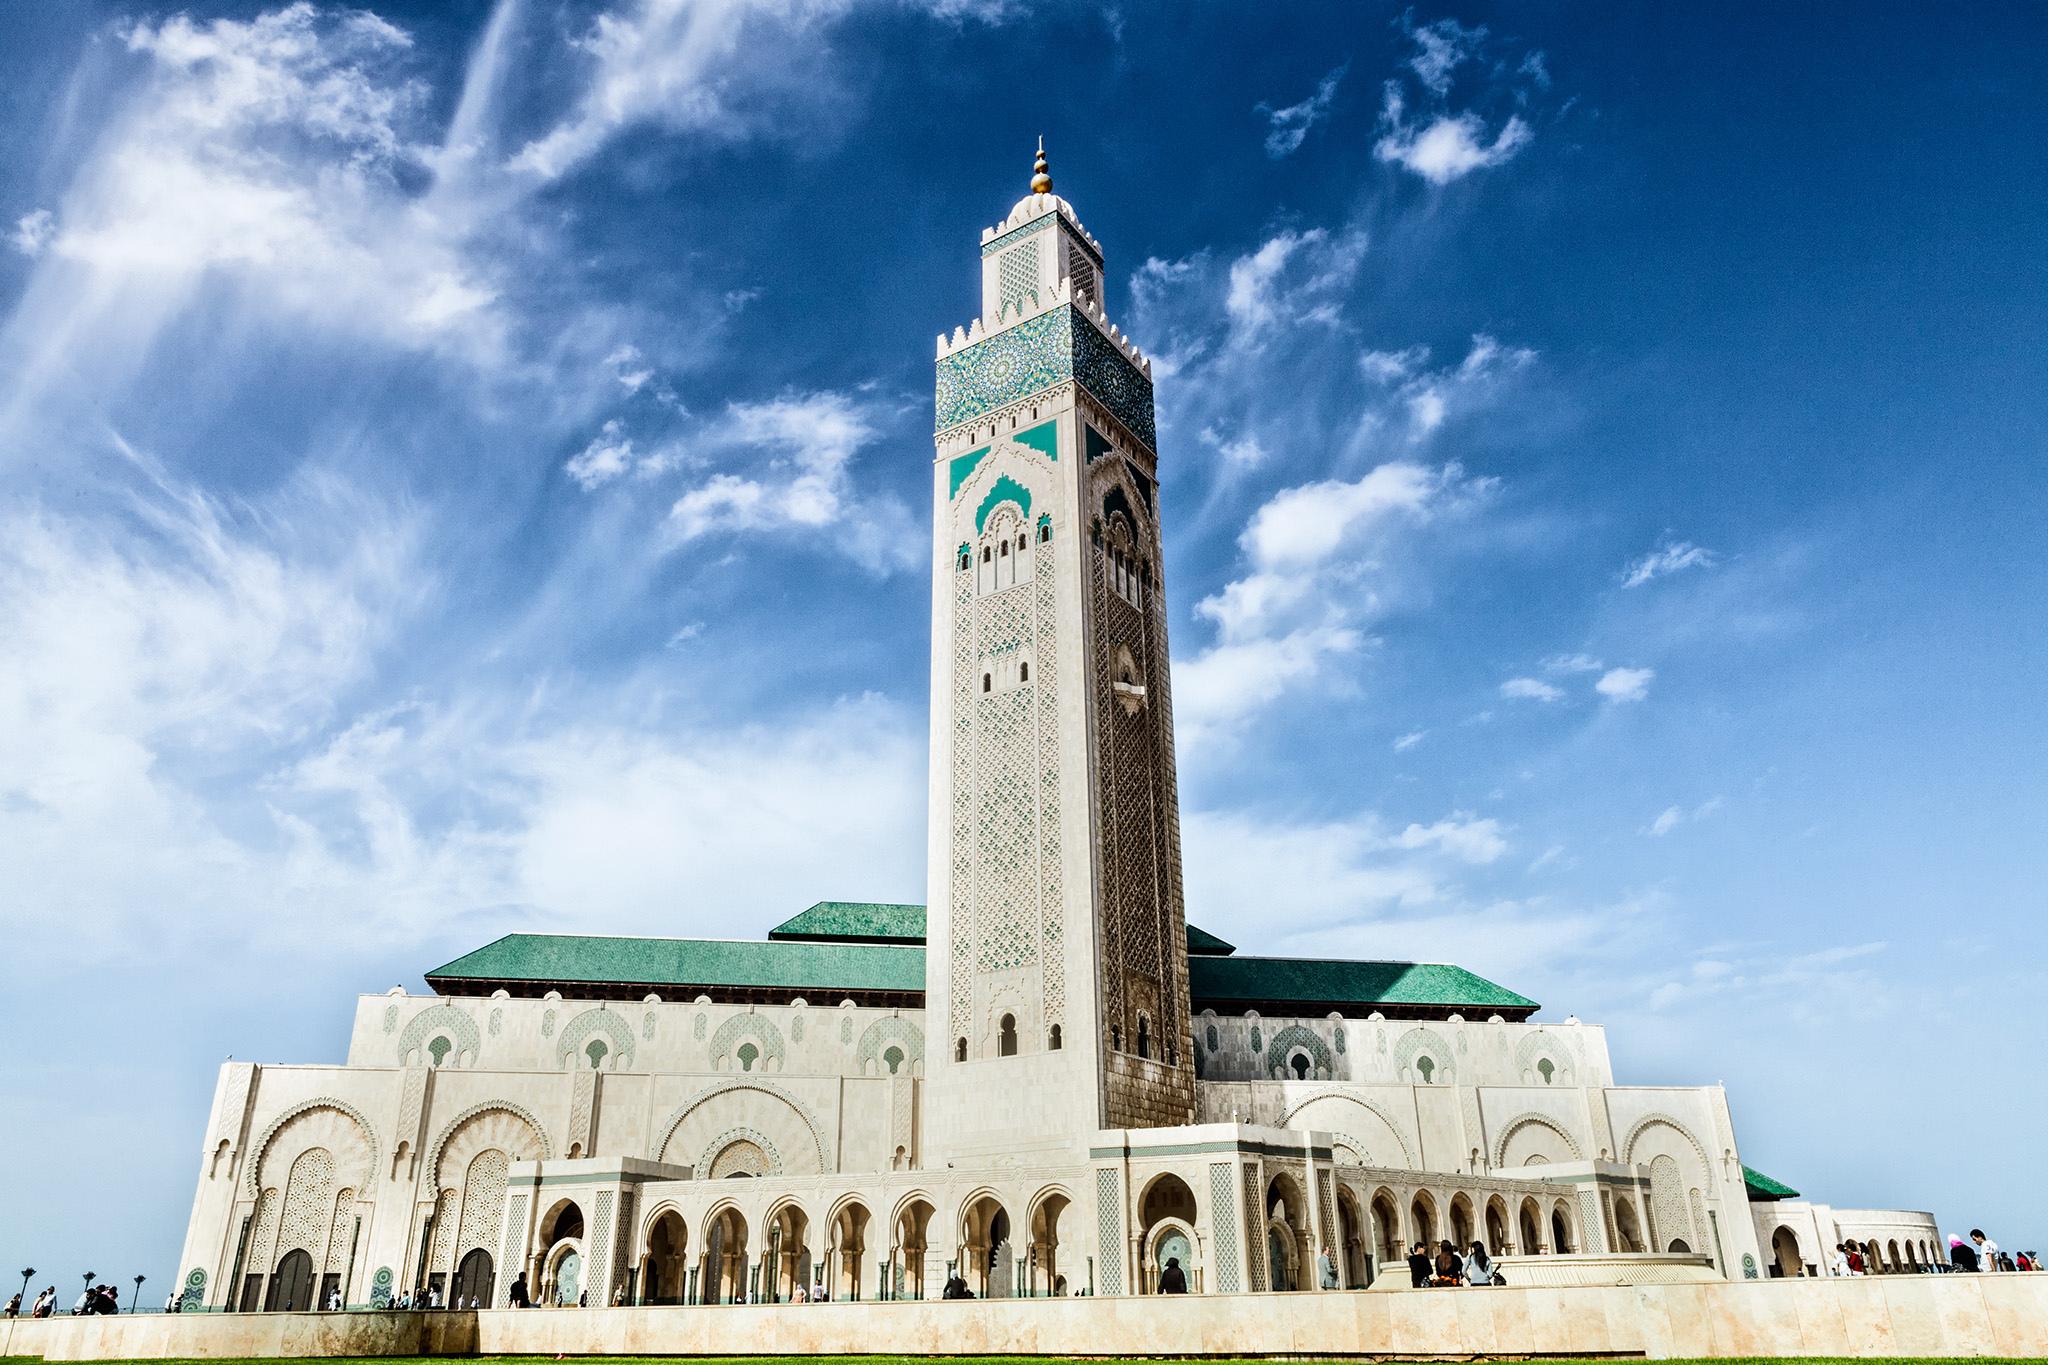 Impresiones de marruecos las ciudades imperiales a tu aire for Oficina de turismo de marruecos